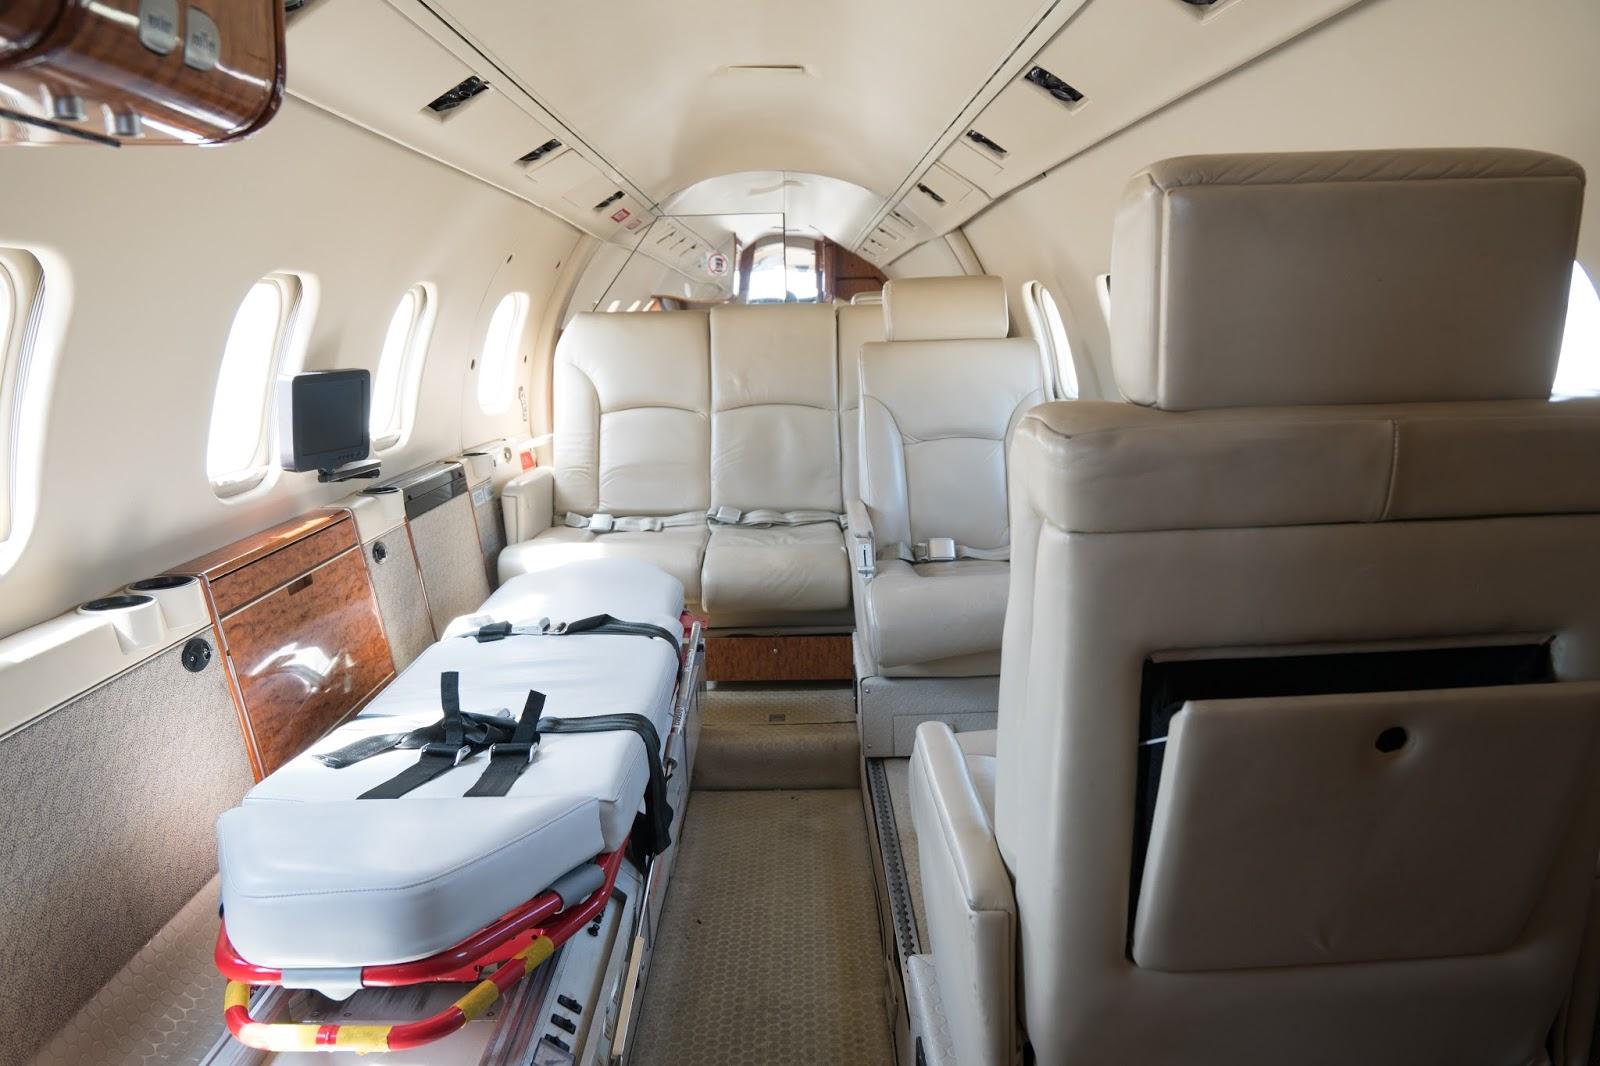 Ground ambulance aerocare argentina medical escorts